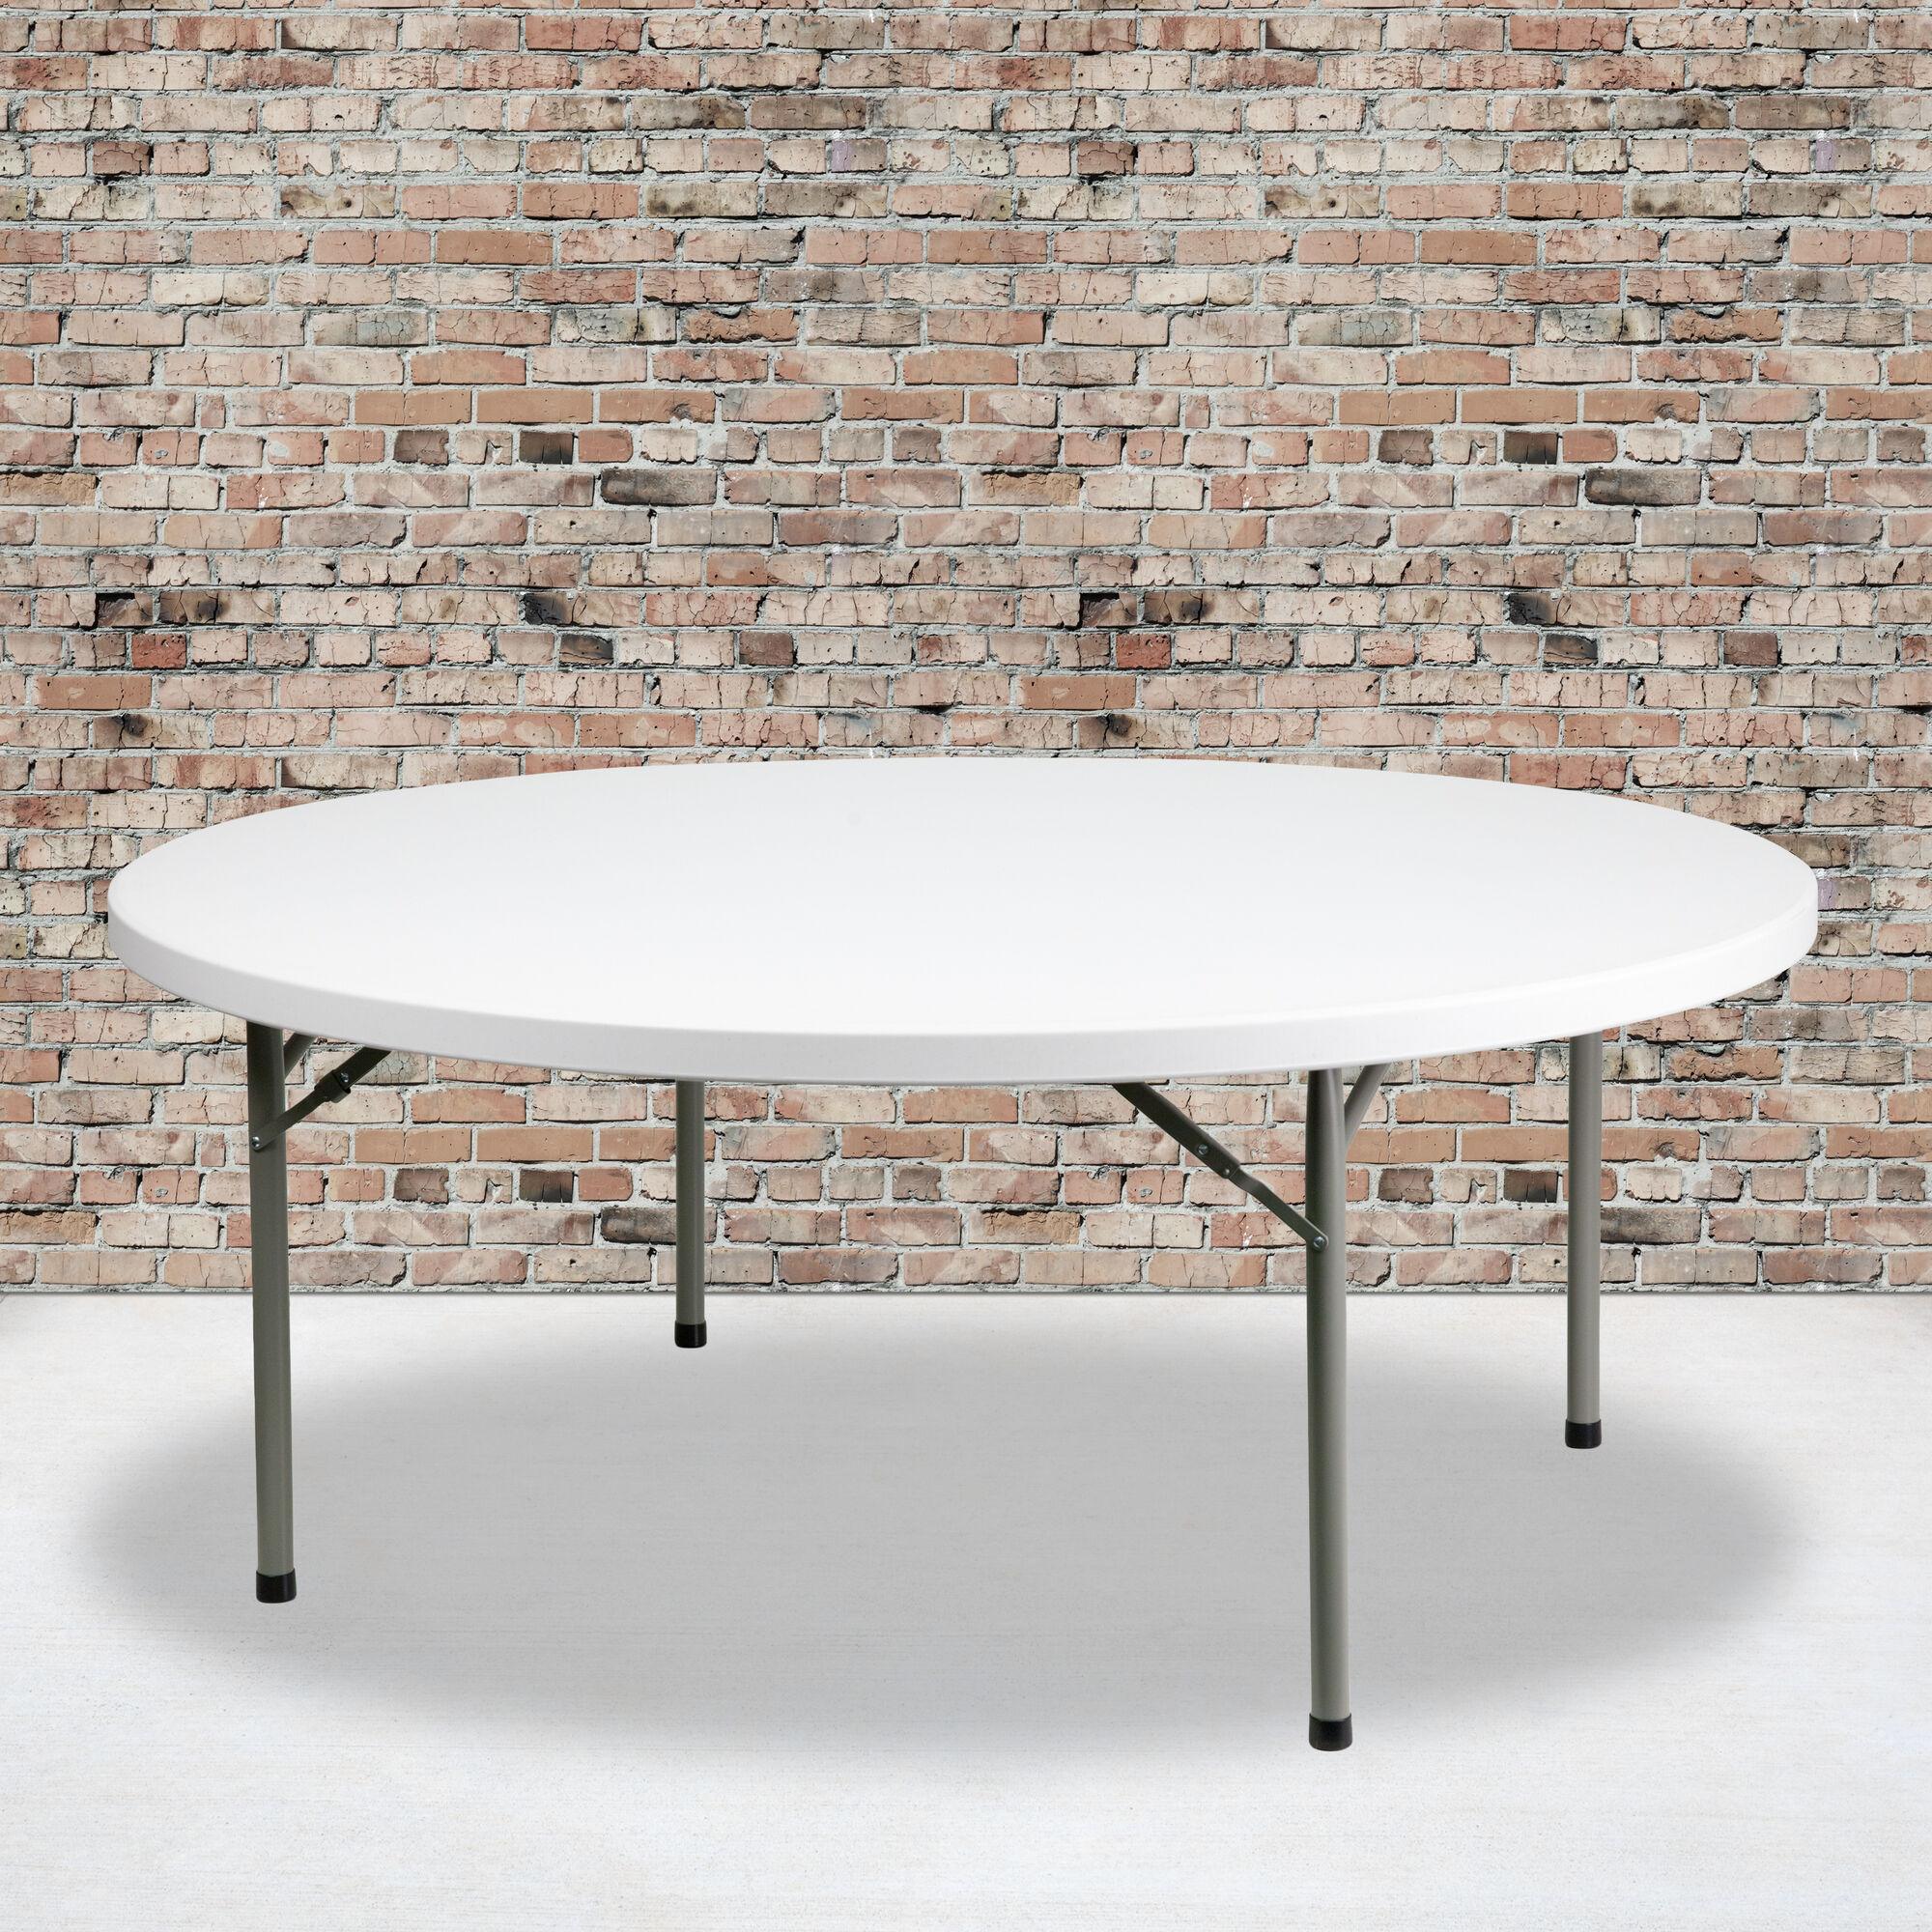 72rd White Plastic Fold Table Dad Ycz 180r Gw Gg Restaurantfurniture4less Com